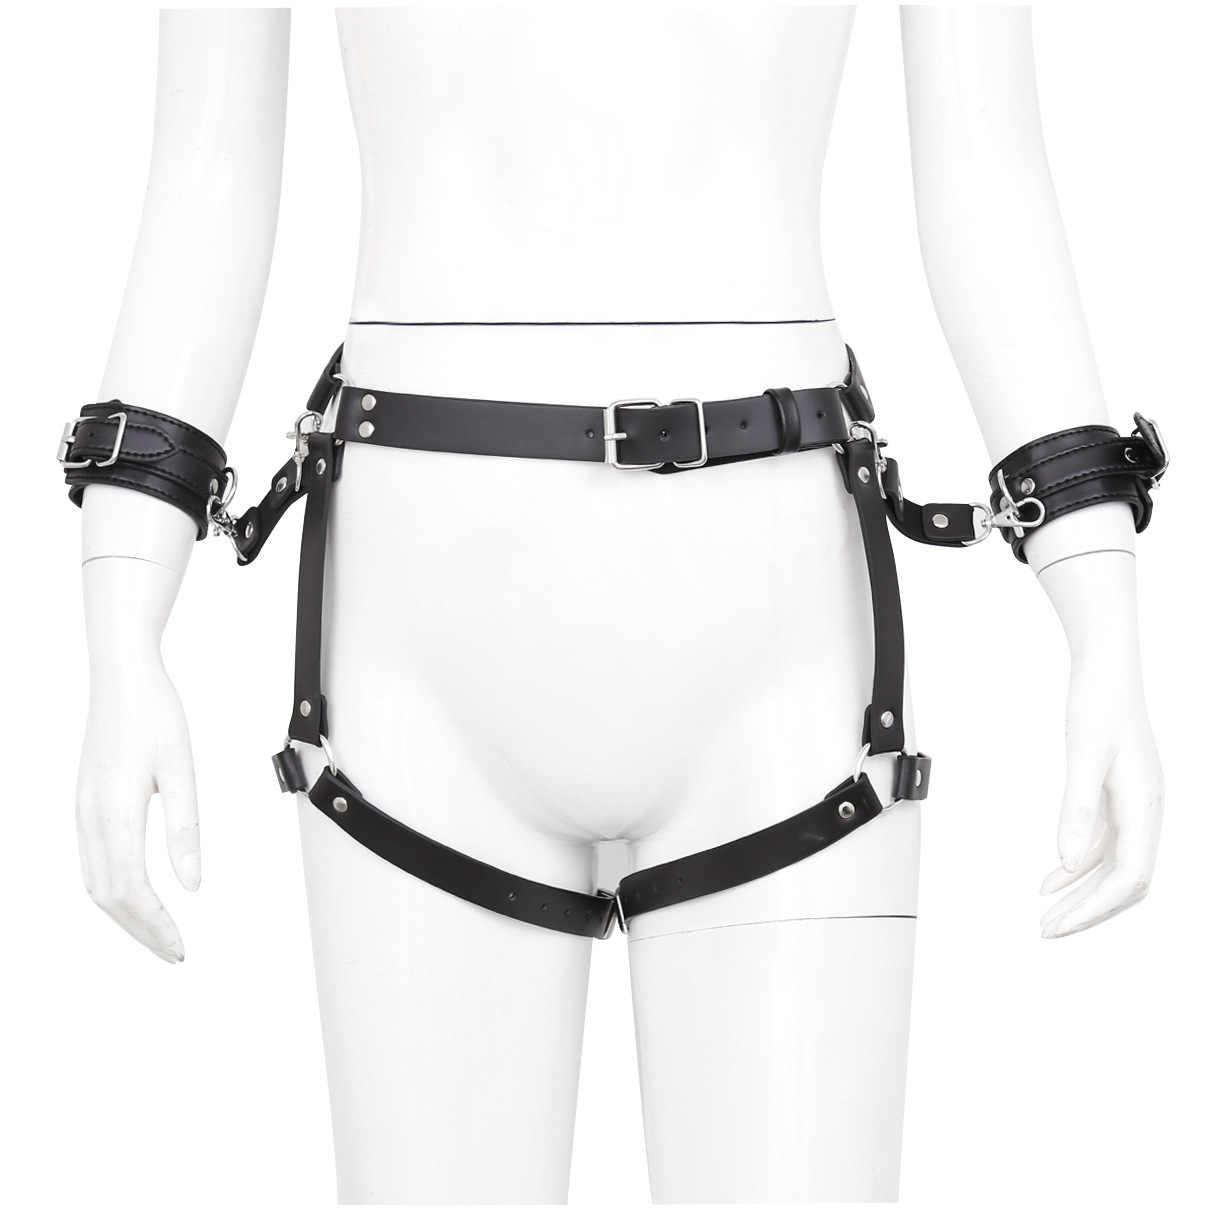 BDSM Mainan PU Kulit Borgol untuk Seks Belt Body Harness Pria Wanita Pelacur Budak Tangan Manset Diikat Gelang Sabuk Gay fetish Pakai